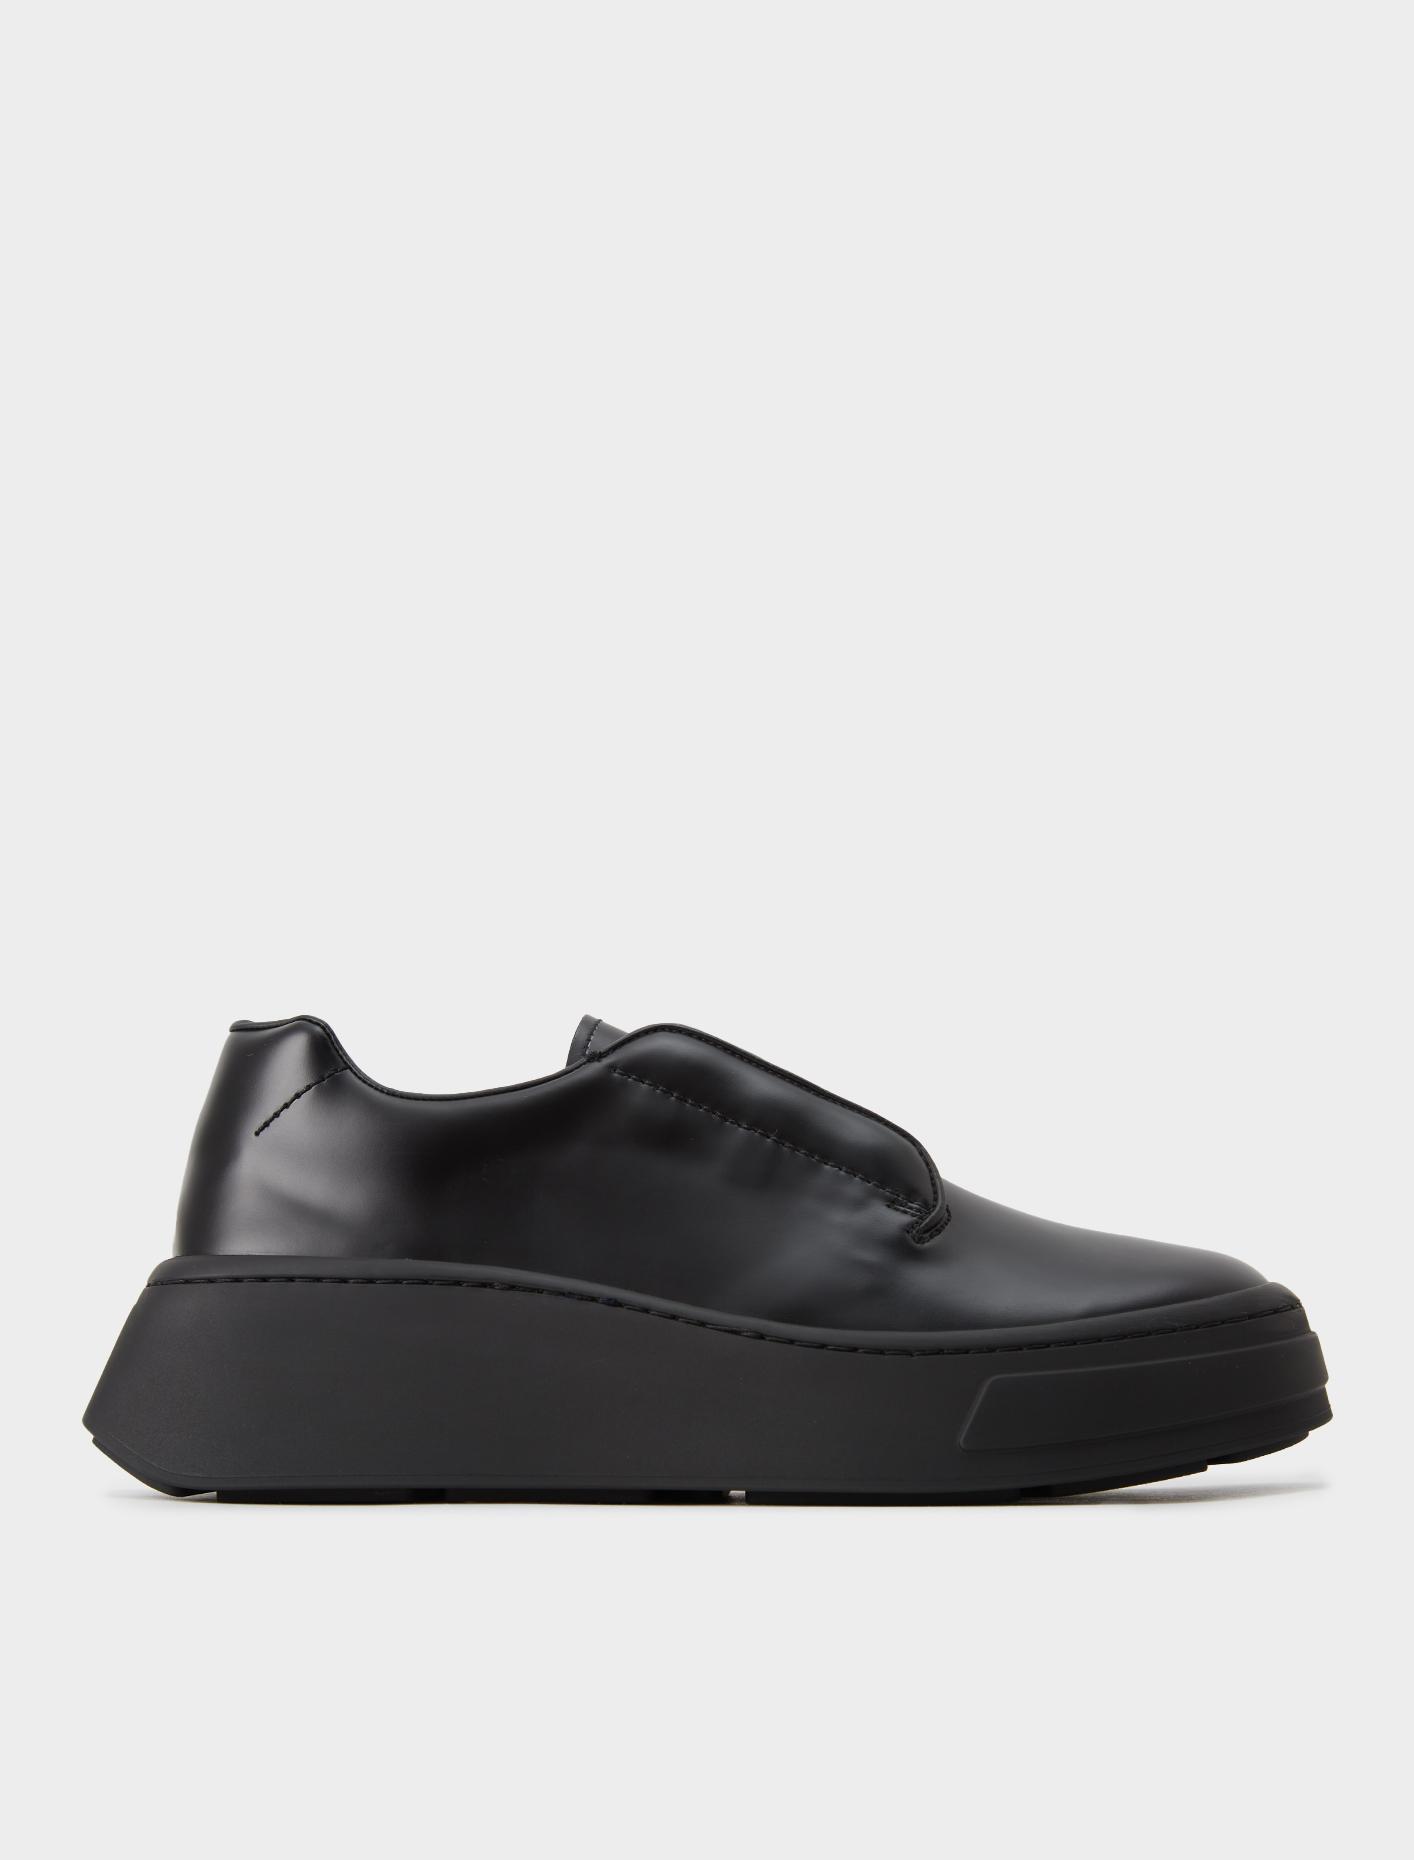 Prada Brushed Leather Chunky Sole Shoe